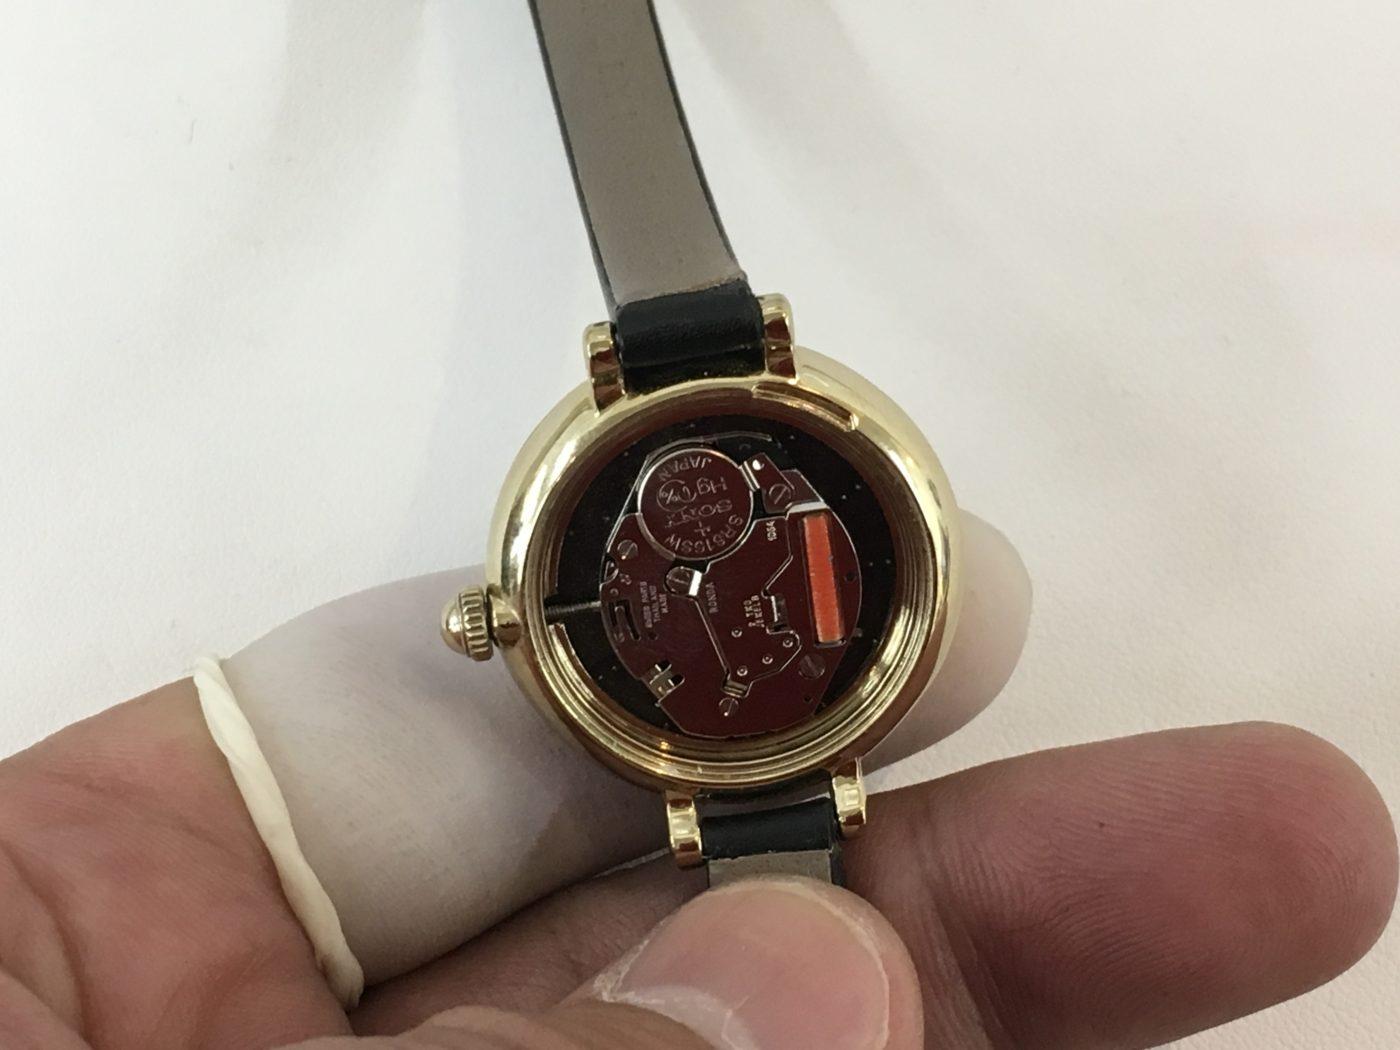 RONDA MOVEMENT ムーブメント クォーツ 腕時計 マークジェイコブス